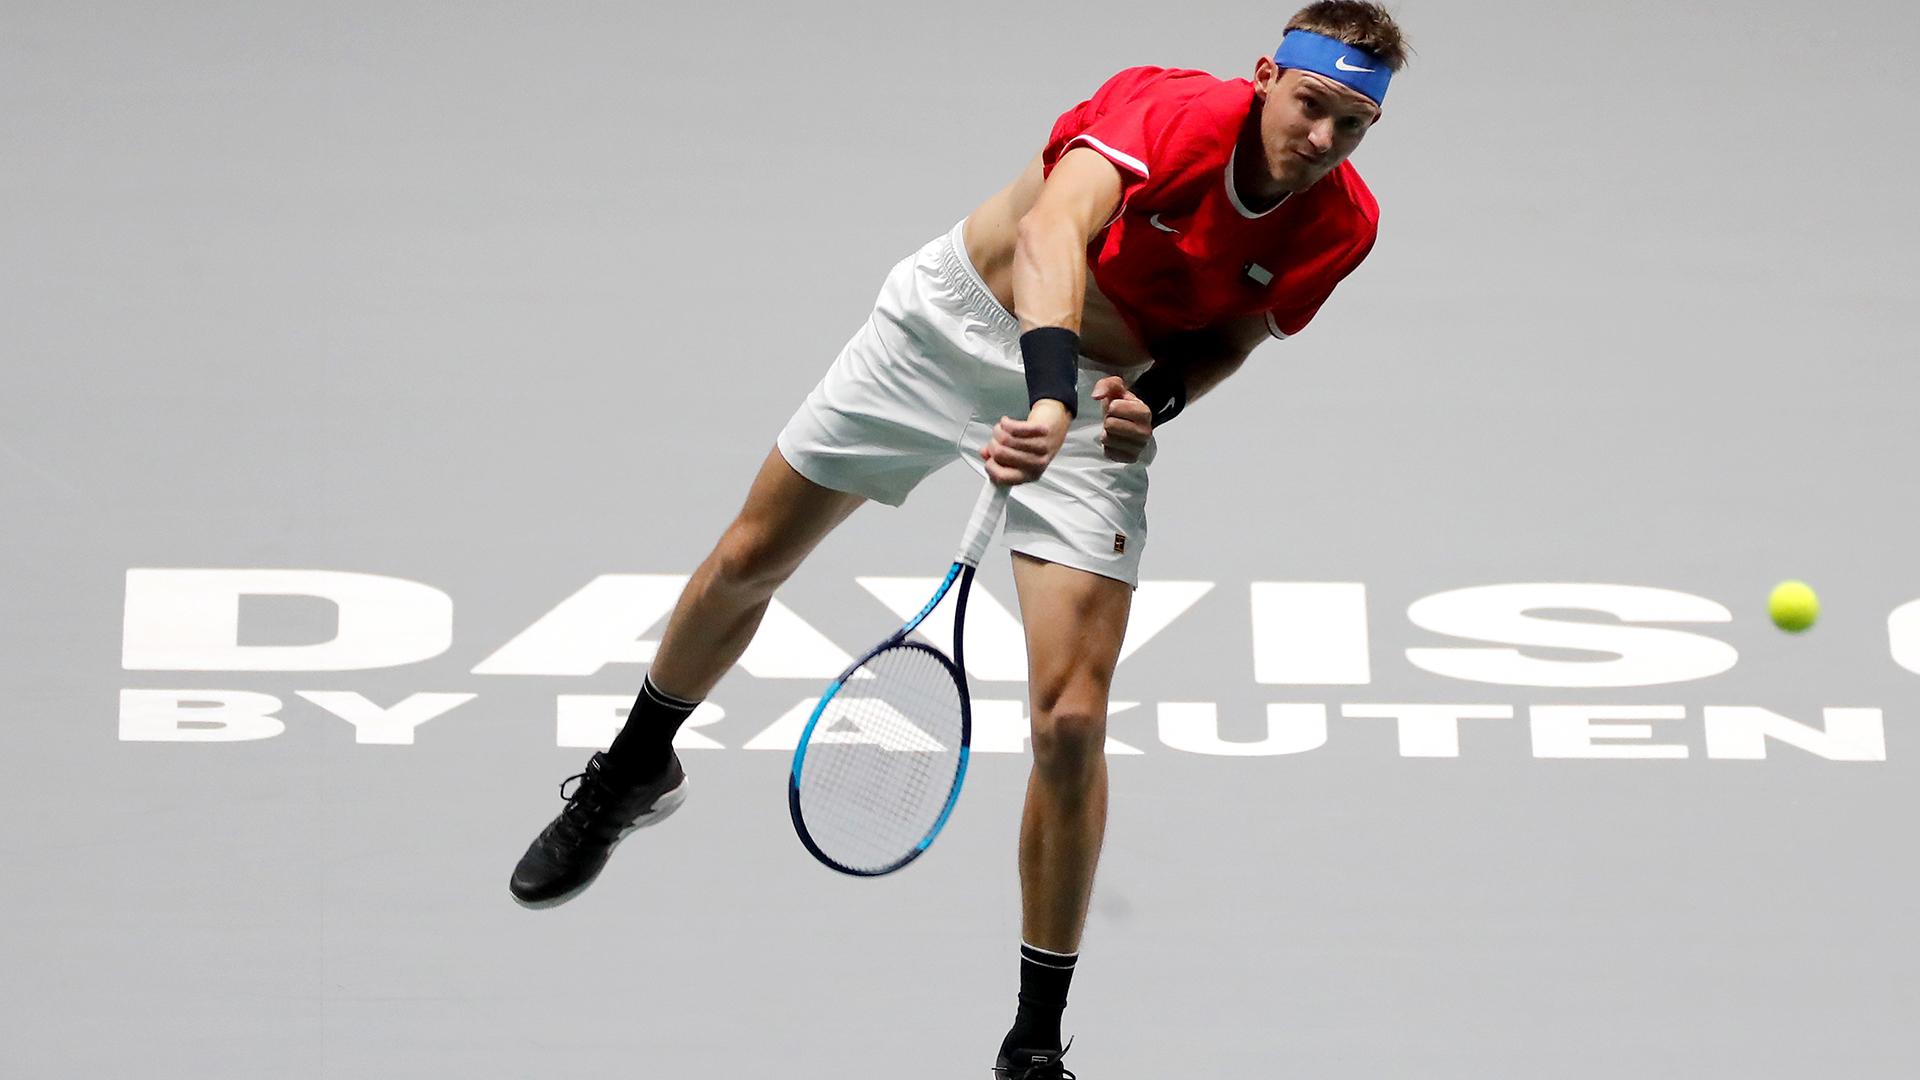 Nicolás Jarry fue suspendido provisionalmente por doping positivo en la Copa Davis 2019 - Infobae